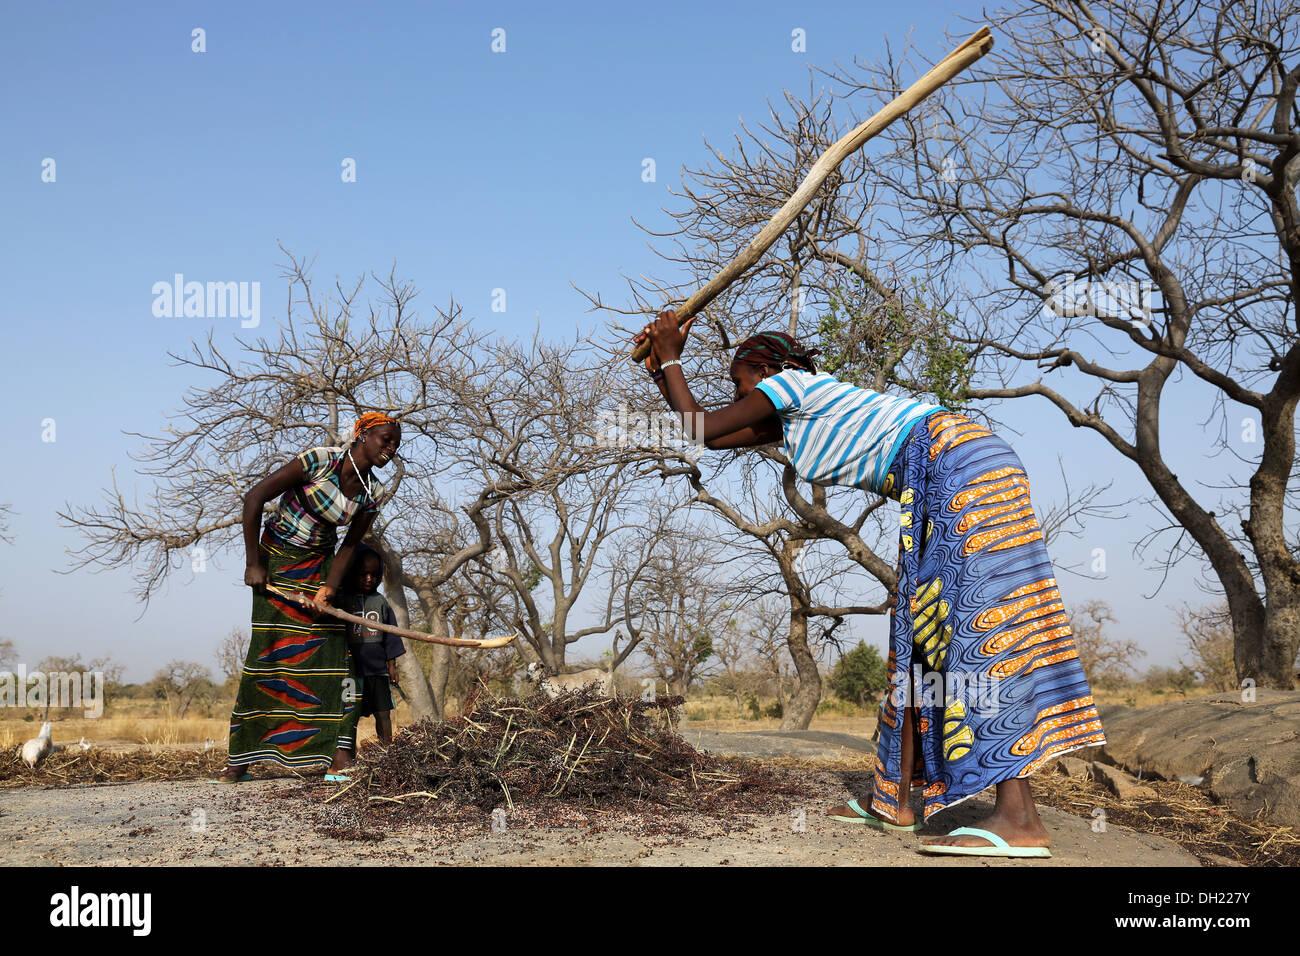 Les femmes martelant le sorgho, le millet avec des bâtons après la récolte, le Burkina Faso Photo Stock